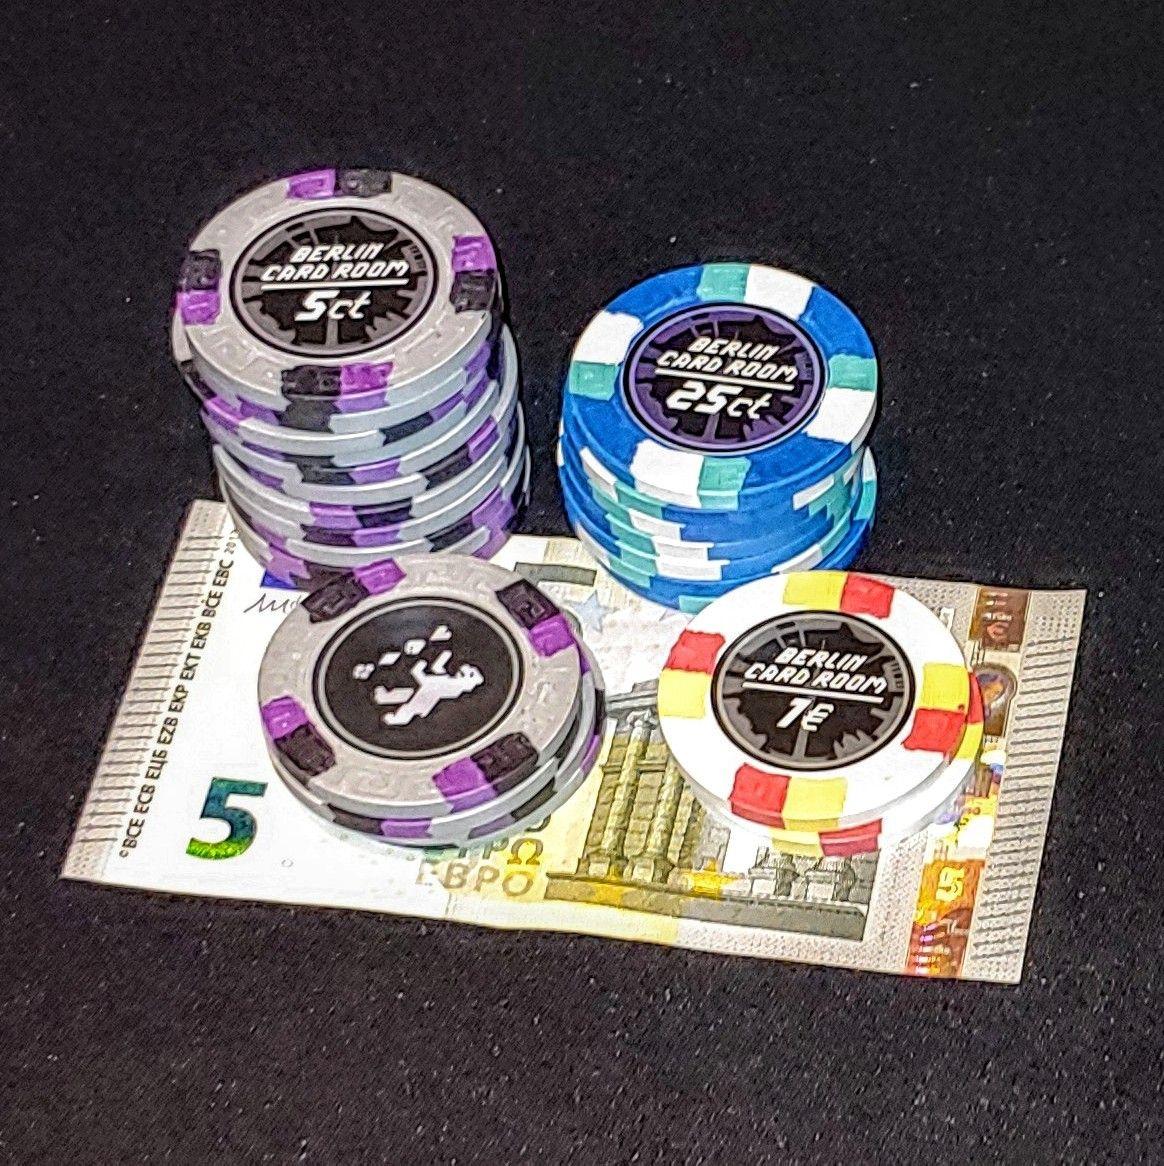 Berlin Card Room Poker Cash Game Buy In в 2020 г